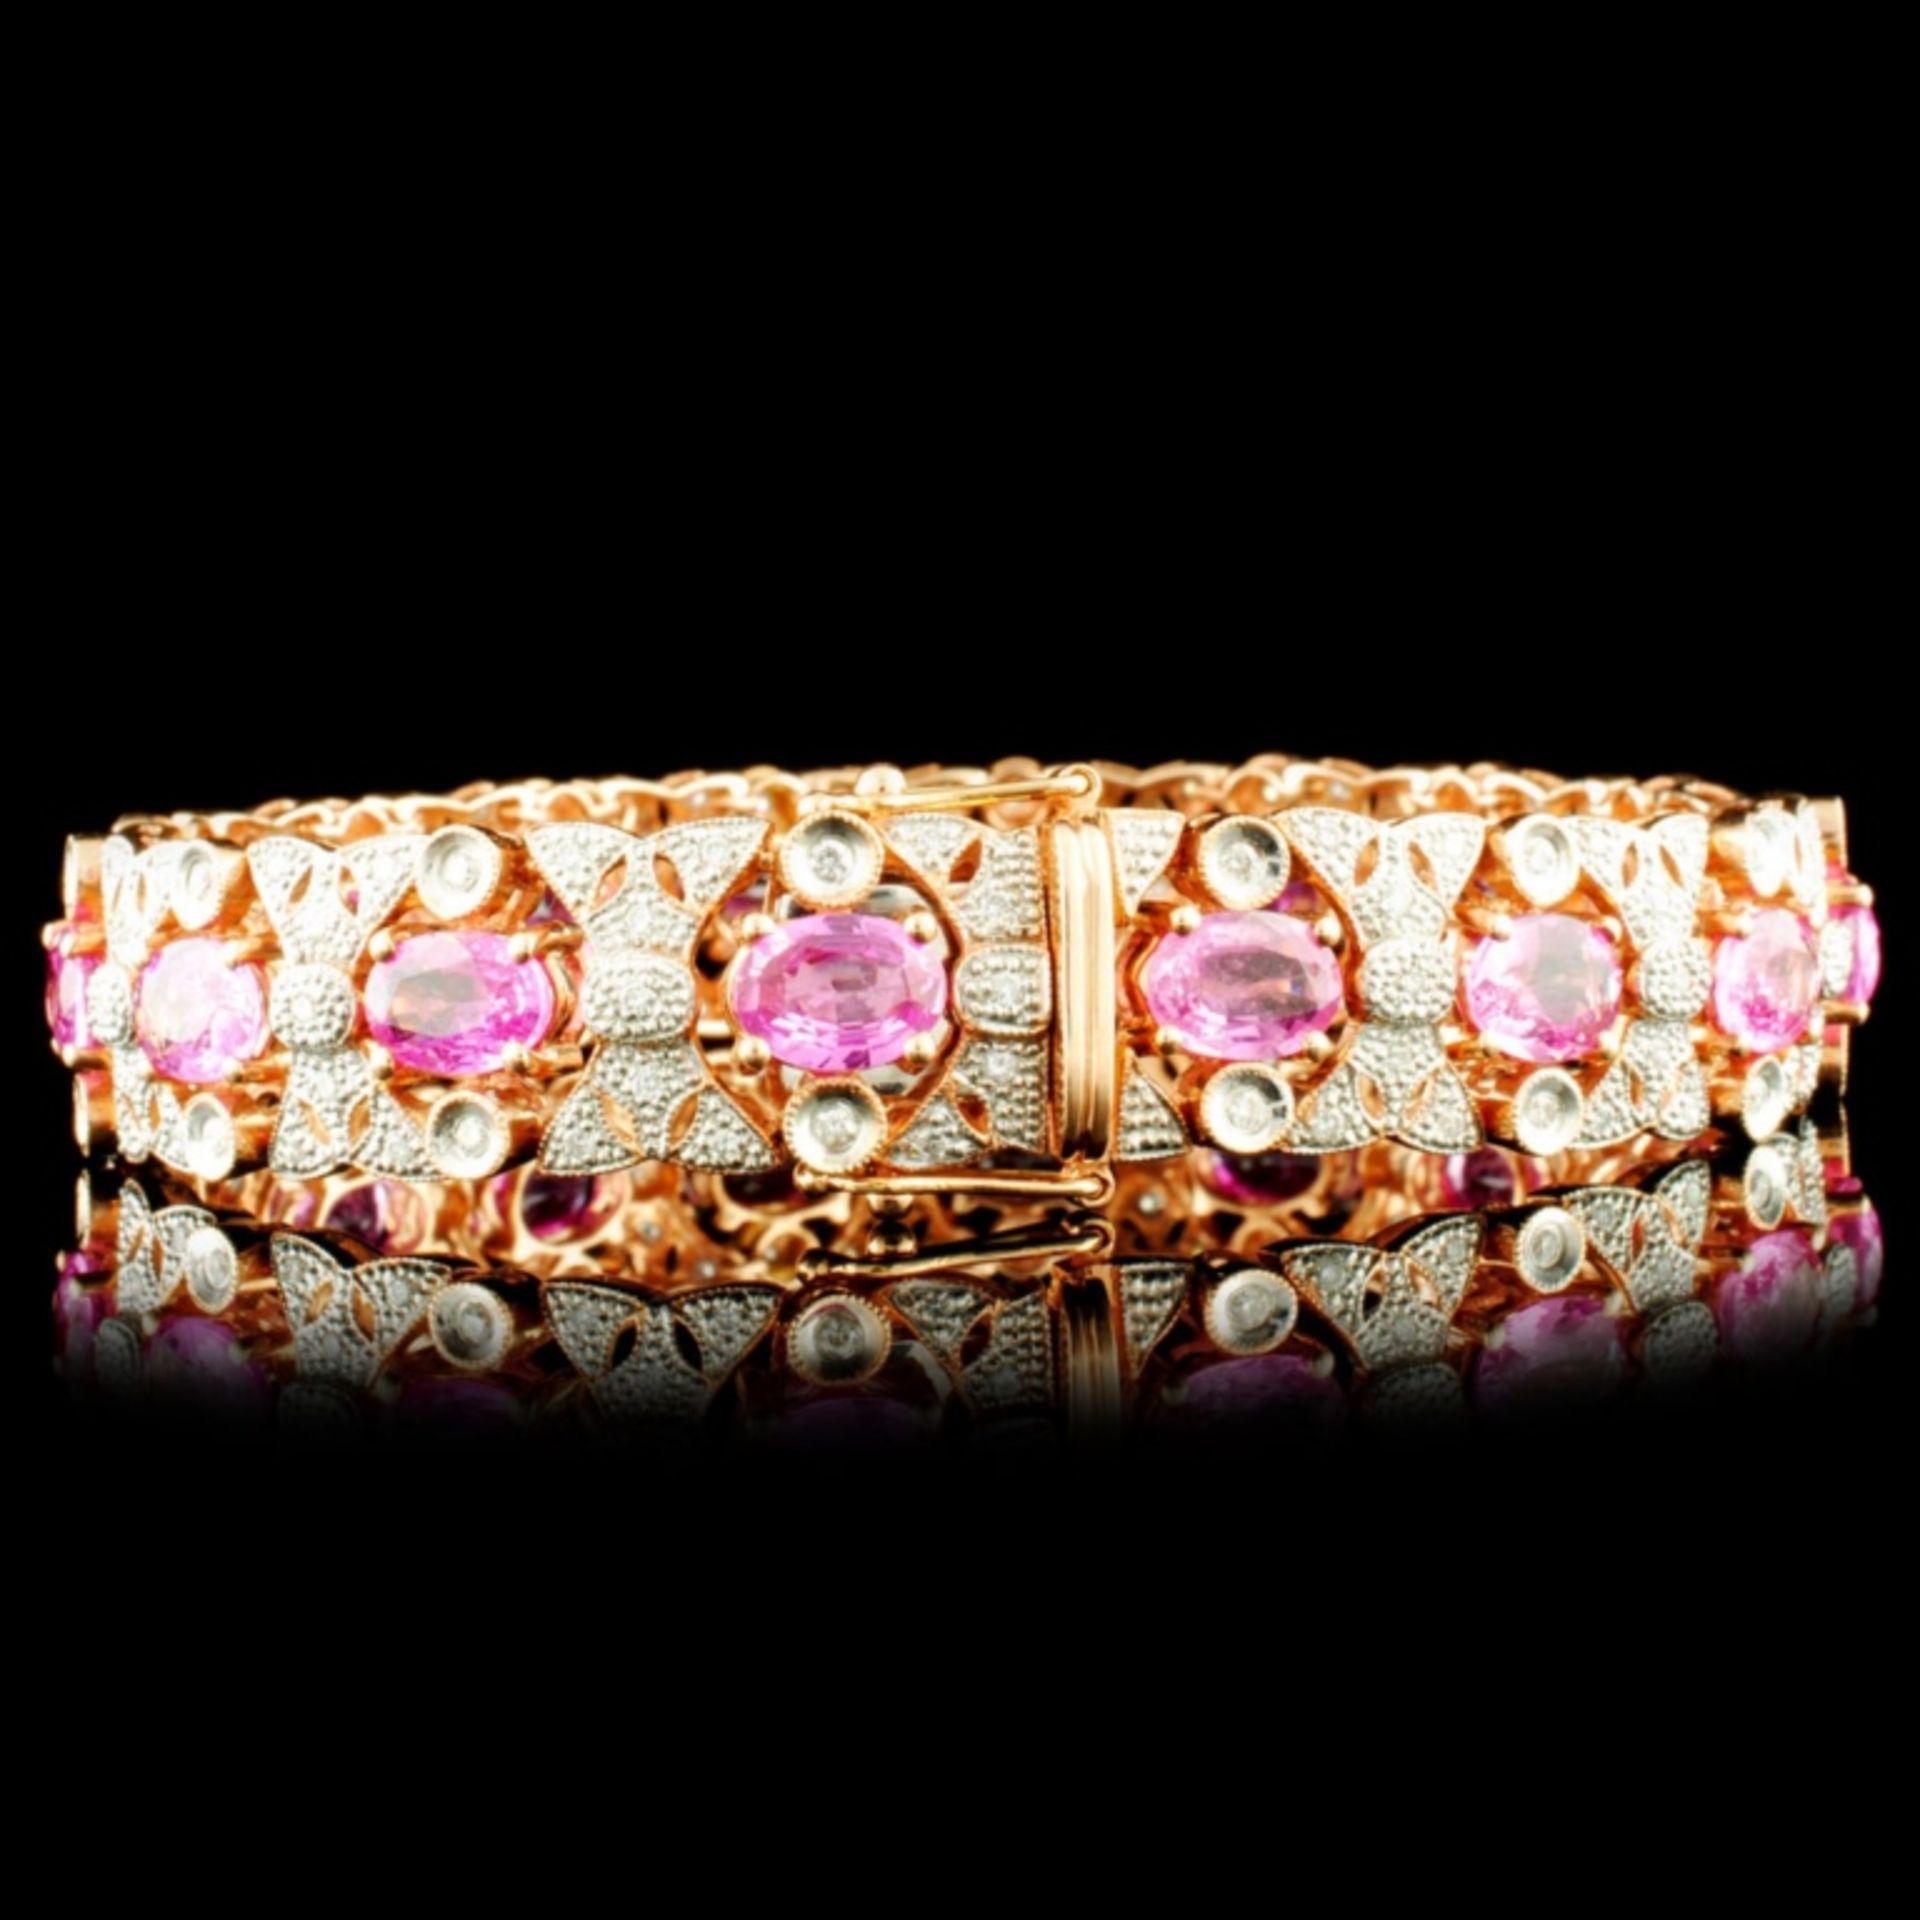 14K Gold 13.81ct Sapphire & 1.20ctw Diamond Bracel - Image 2 of 3